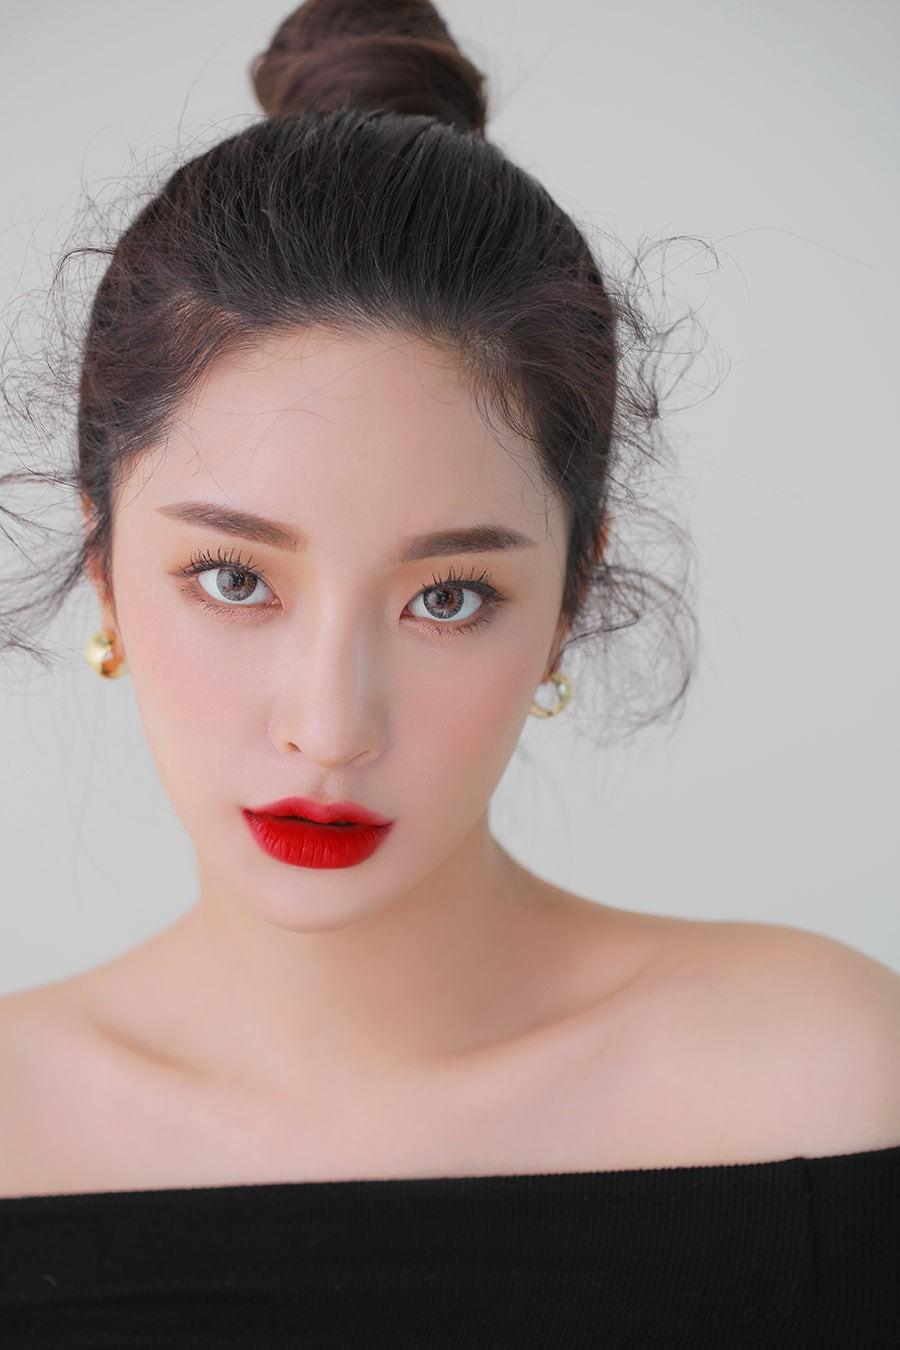 Son kem 3CE Soft Lip Lacquer màu Change Mode (đỏ lạnh)